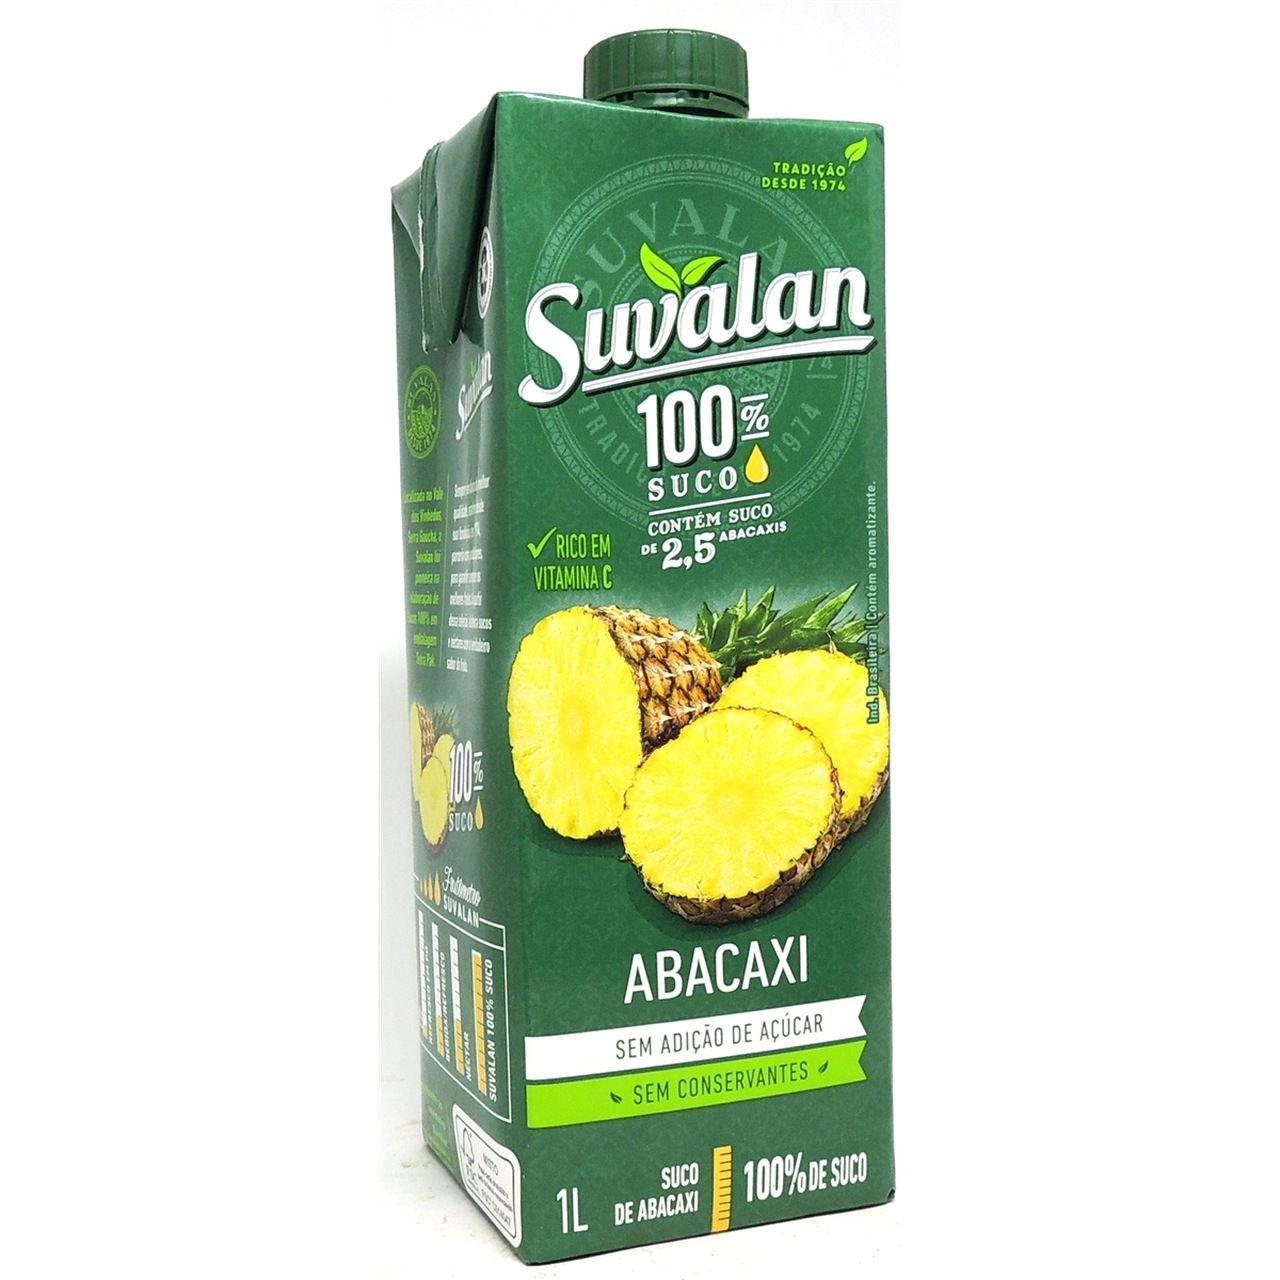 Suco 100% Abacaxi 1L Sem Adição de Açúcar - Suvalan - ESGOTADO